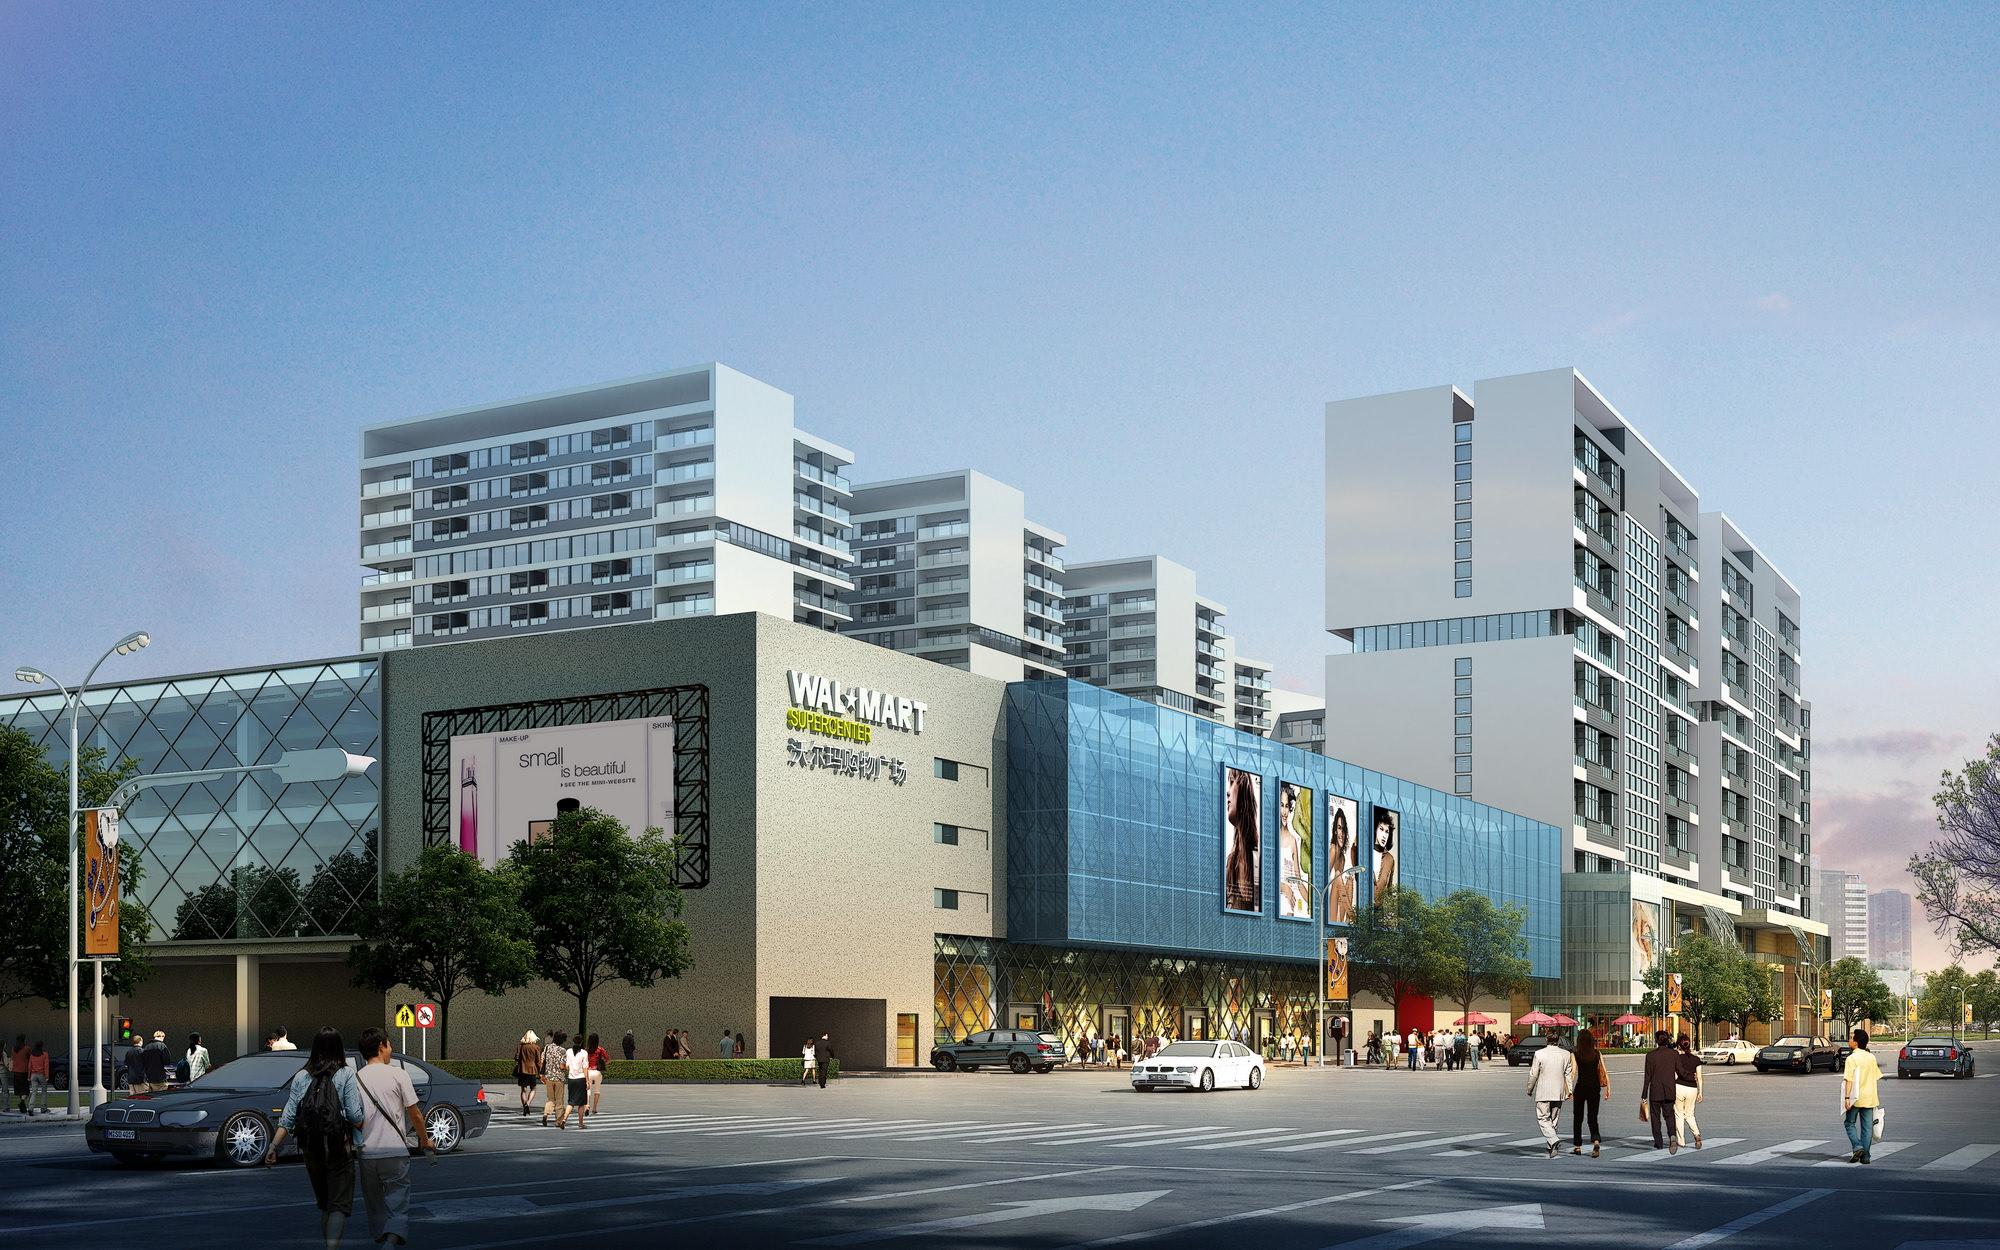 Cần thuê hoặc mua khối đế các toà nhà làm chuỗi thương hiệu siêu thị tại Tp.HCM